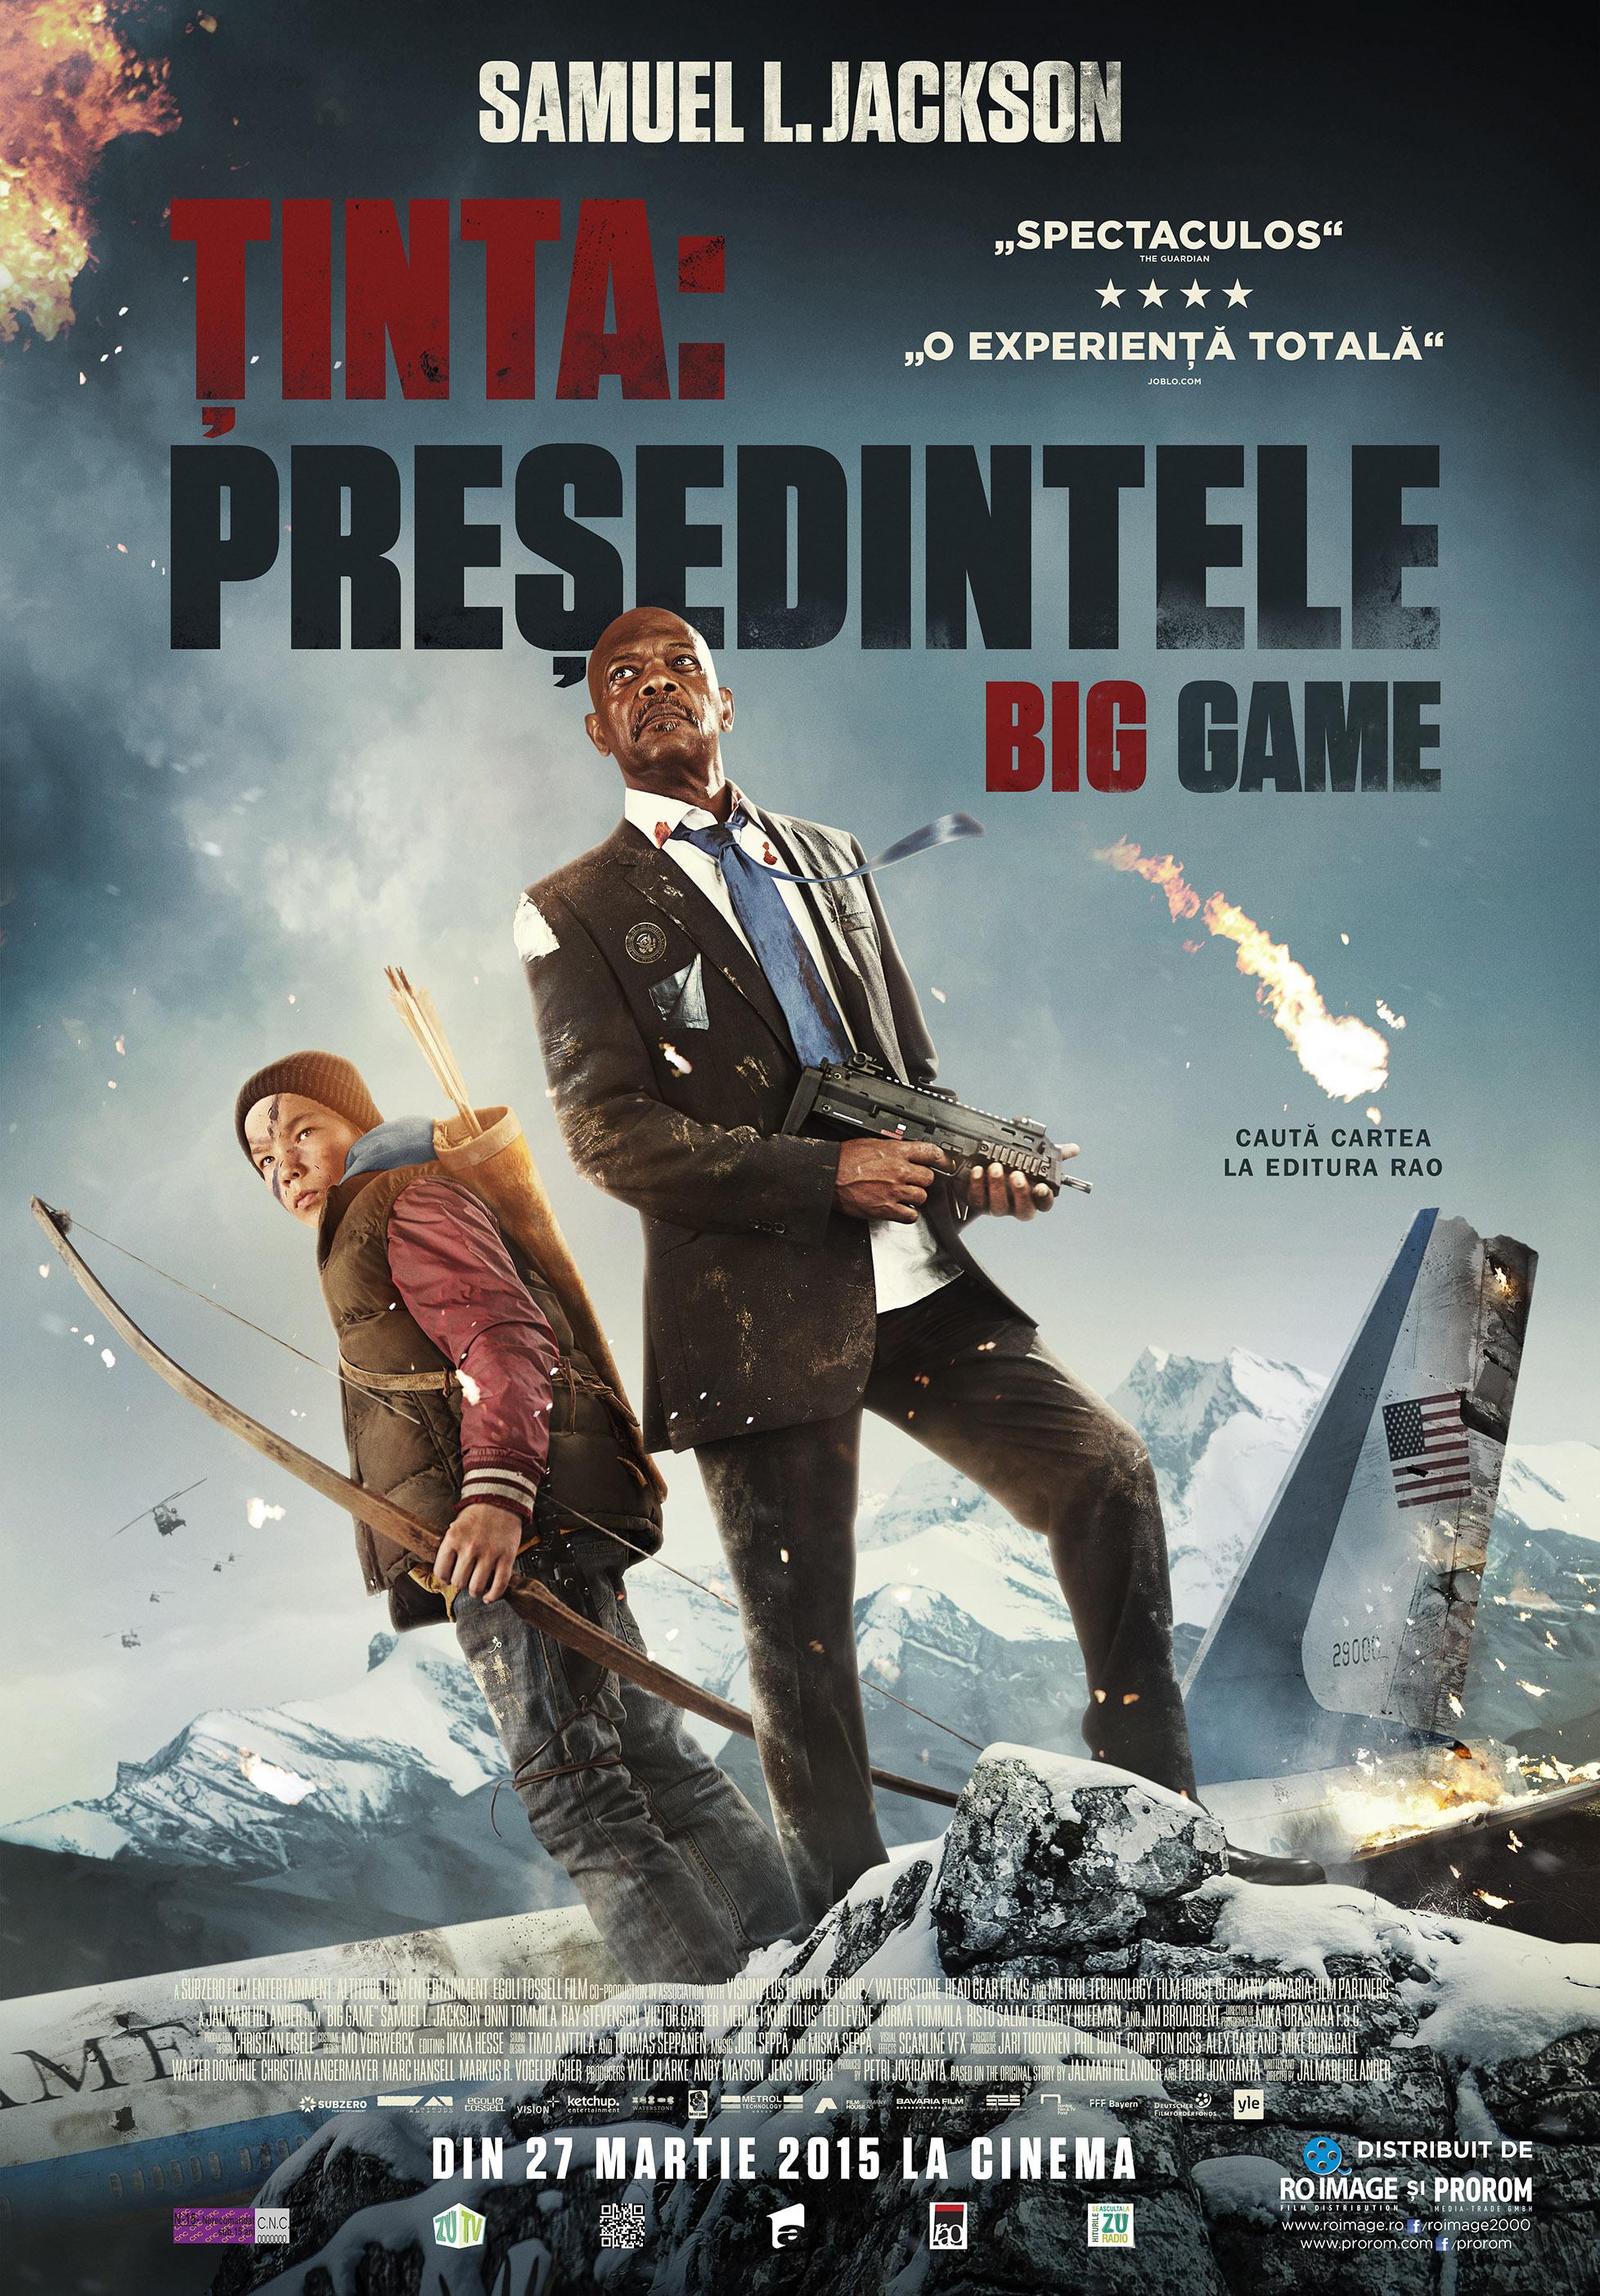 Tinta: Presedintele / Big Game (Premiera)